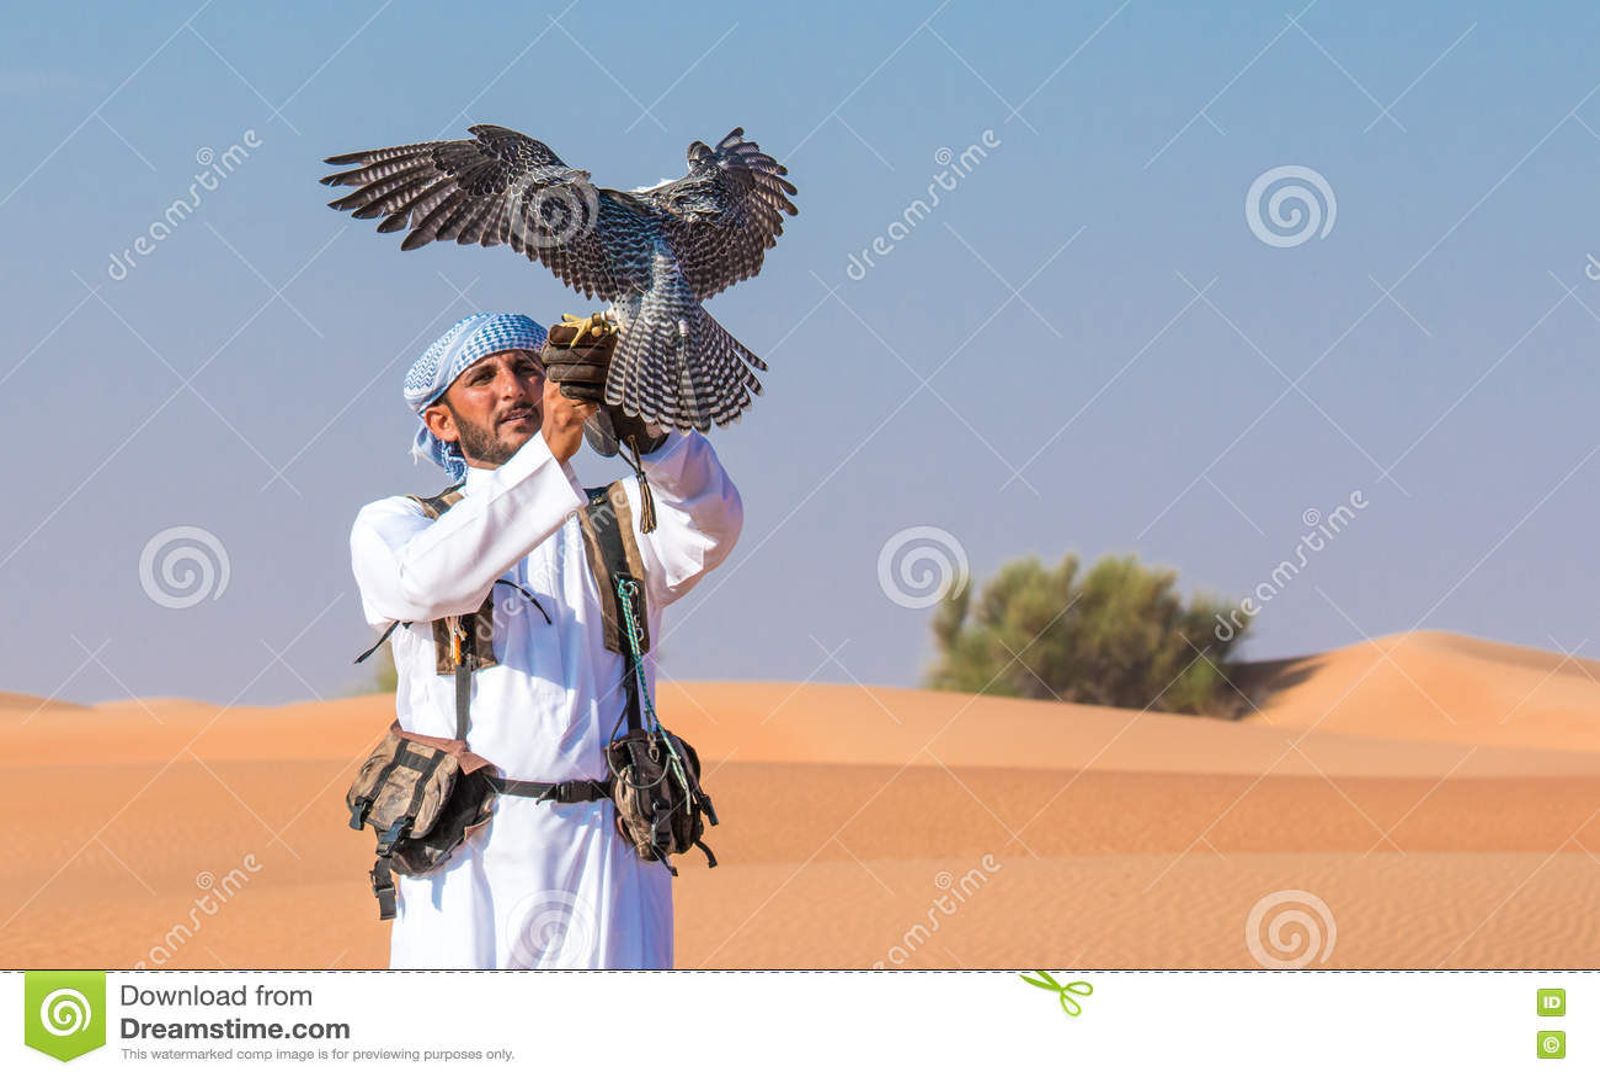 Halcón masculino del saker durante una demostración del vuelo de la cetrería en Dubai, UAE